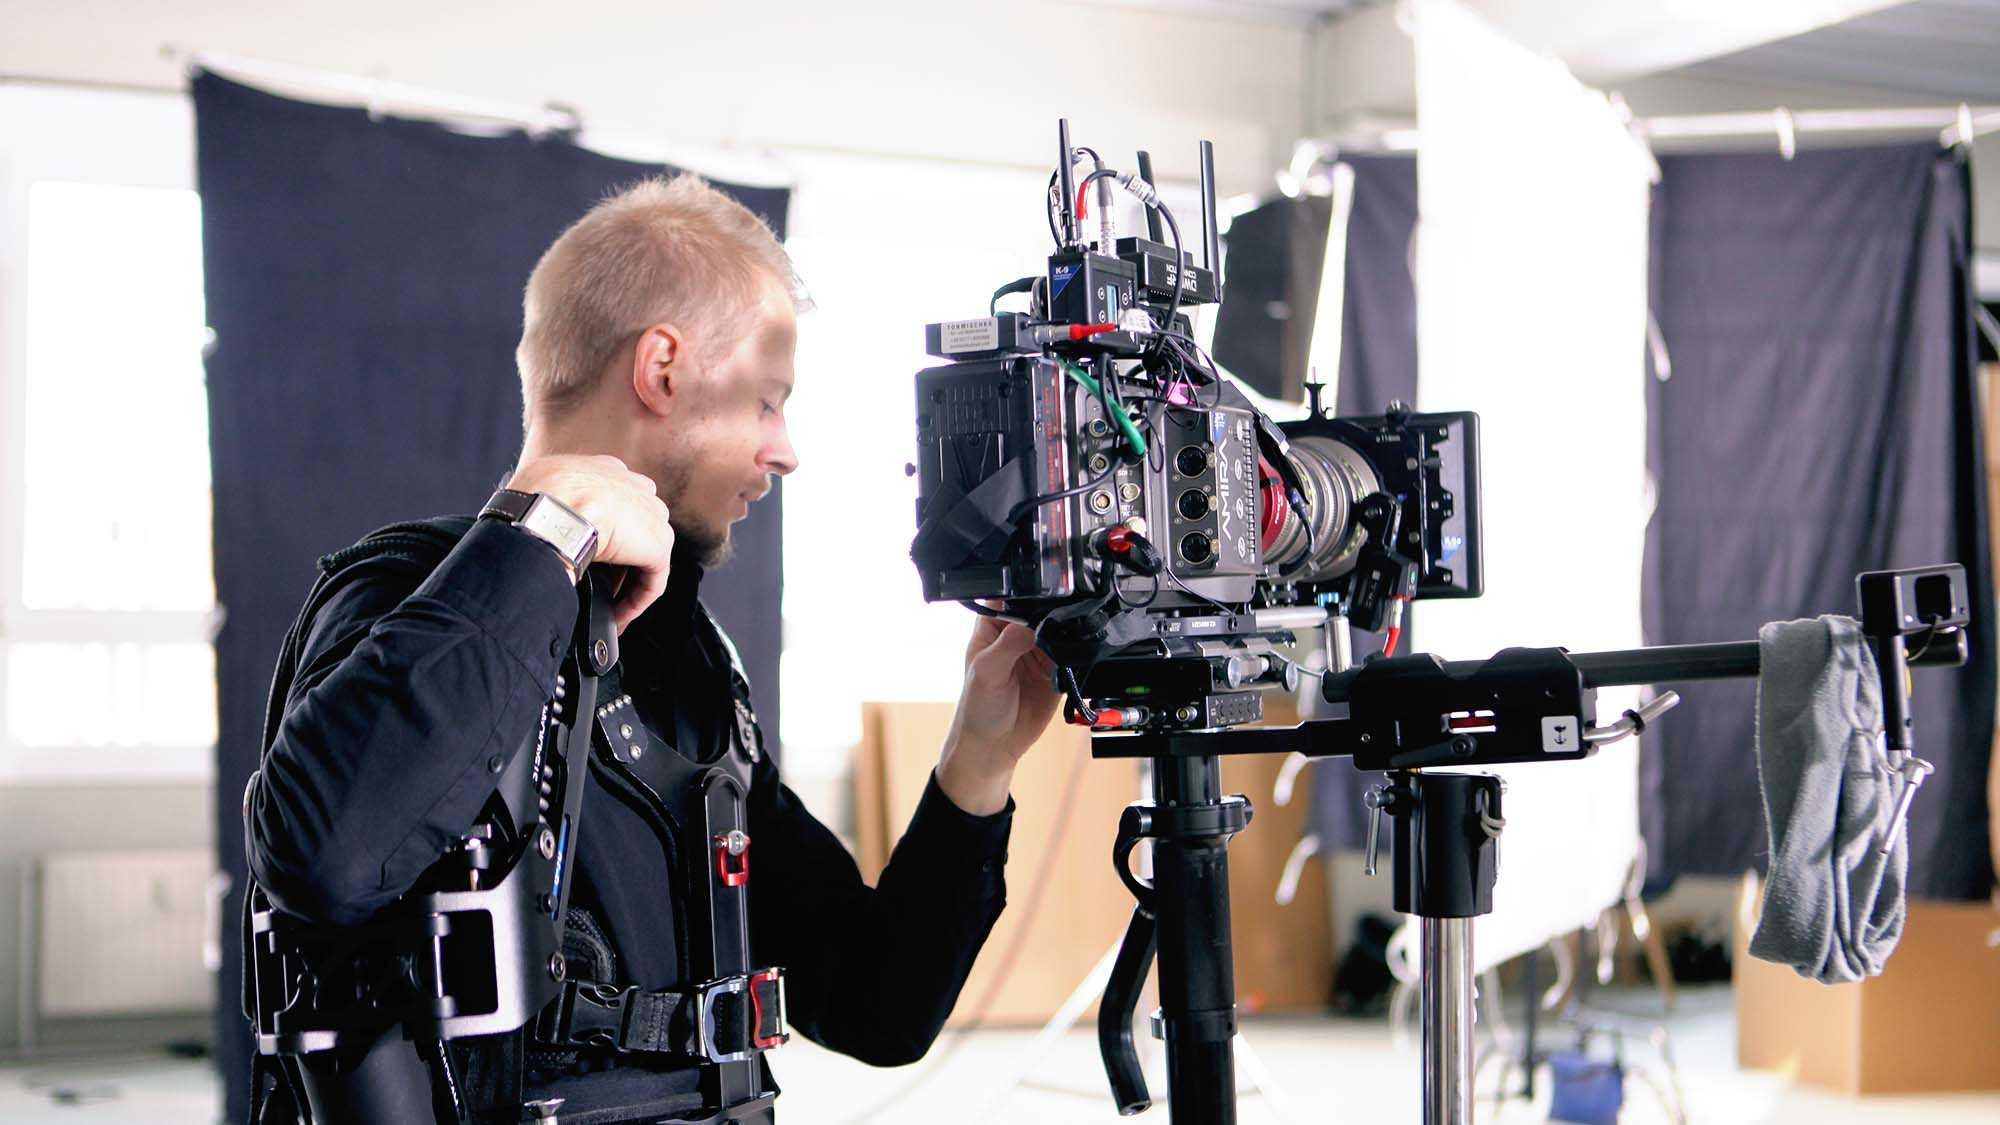 Das Bild zeigt eine Kamera. Vor der Kamera steht ein Mann. Er ist der Kameramann. Er trägt einen Gurt als Halterung um seinen Körper. Er befindet sich in einem Raum. Das Bild dient als Sliderbild für den Portfolioeintrag Yourfone - DRTV Spot von Panda Pictures.